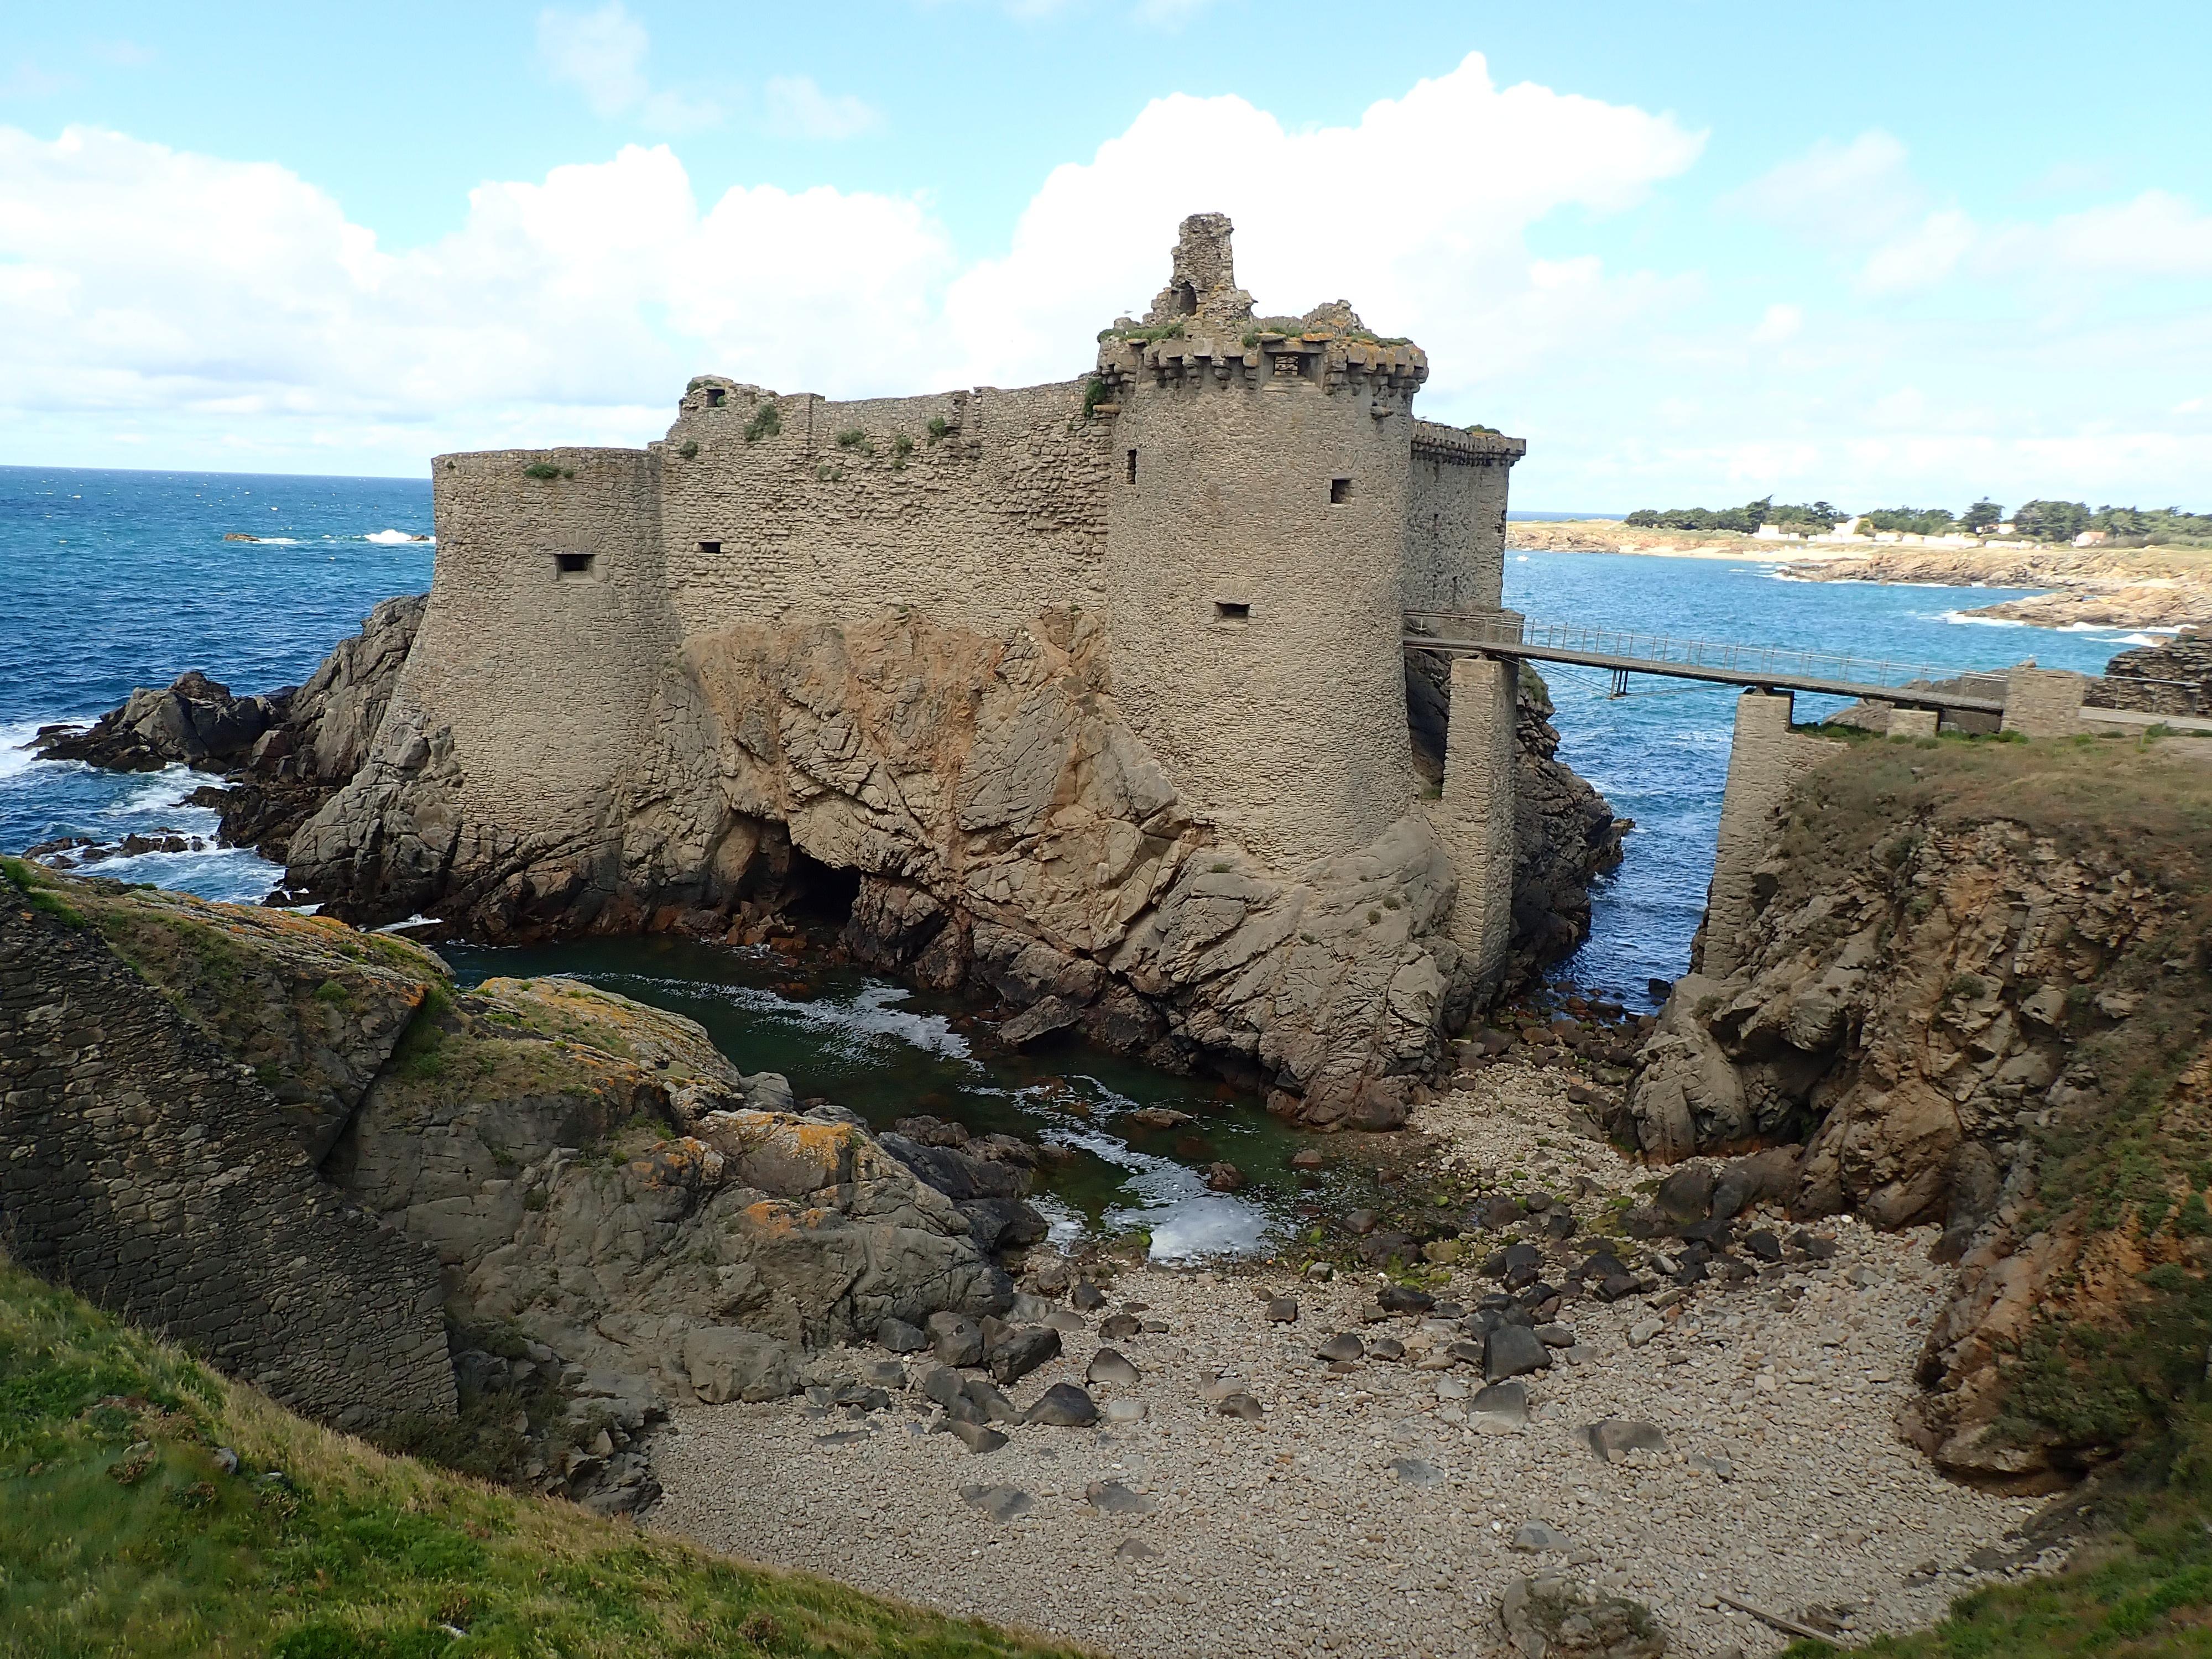 Vieux-Château de l'Île-d'Yeu, France